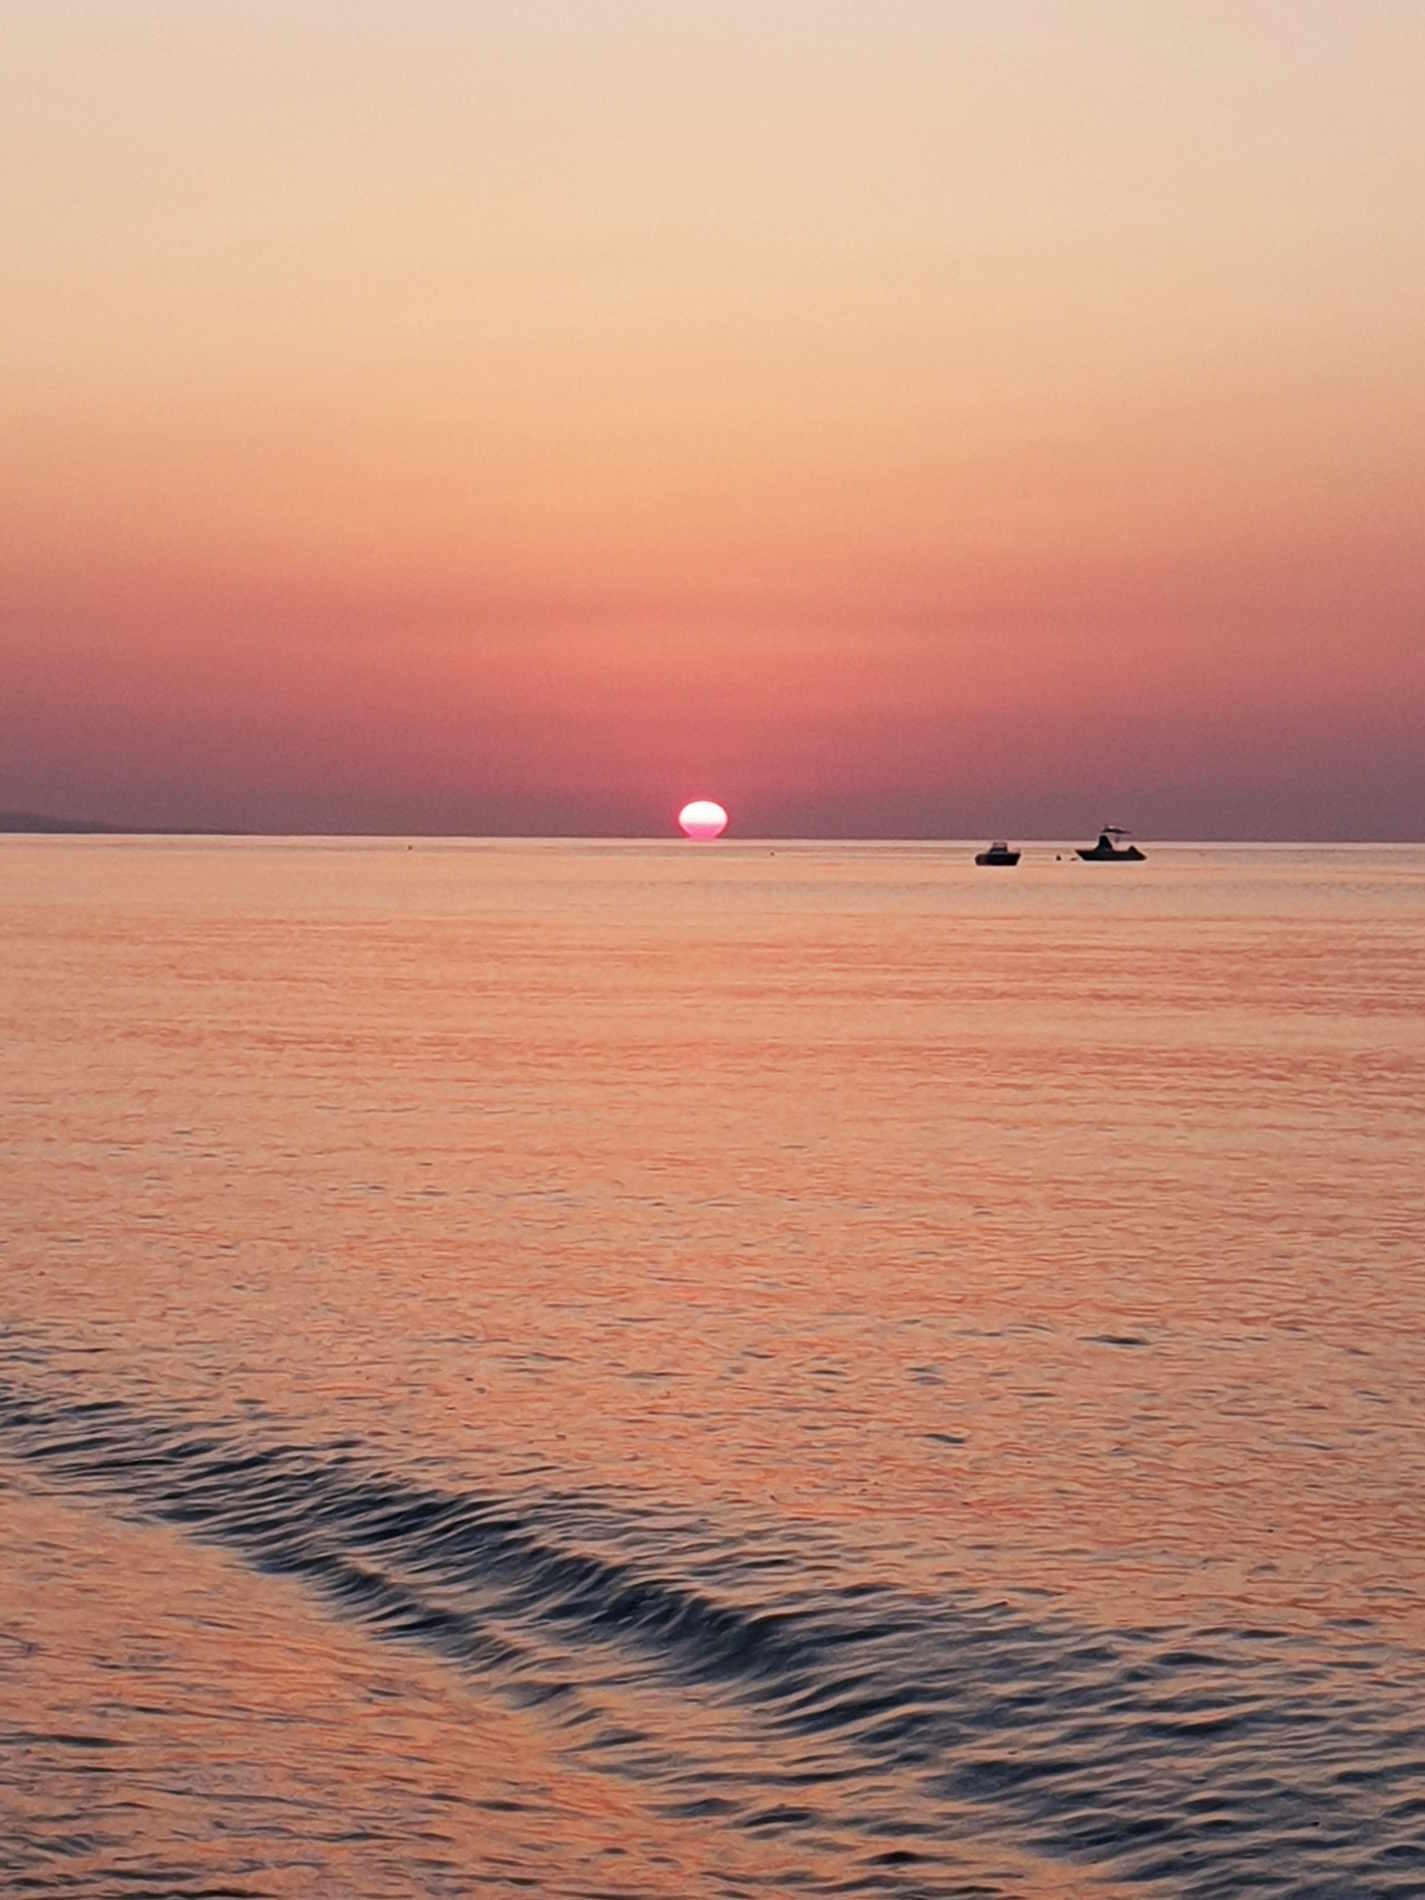 Marina di Gioiosa Ionica al tramonto vacanze sulla costa ionica di reggio calabria